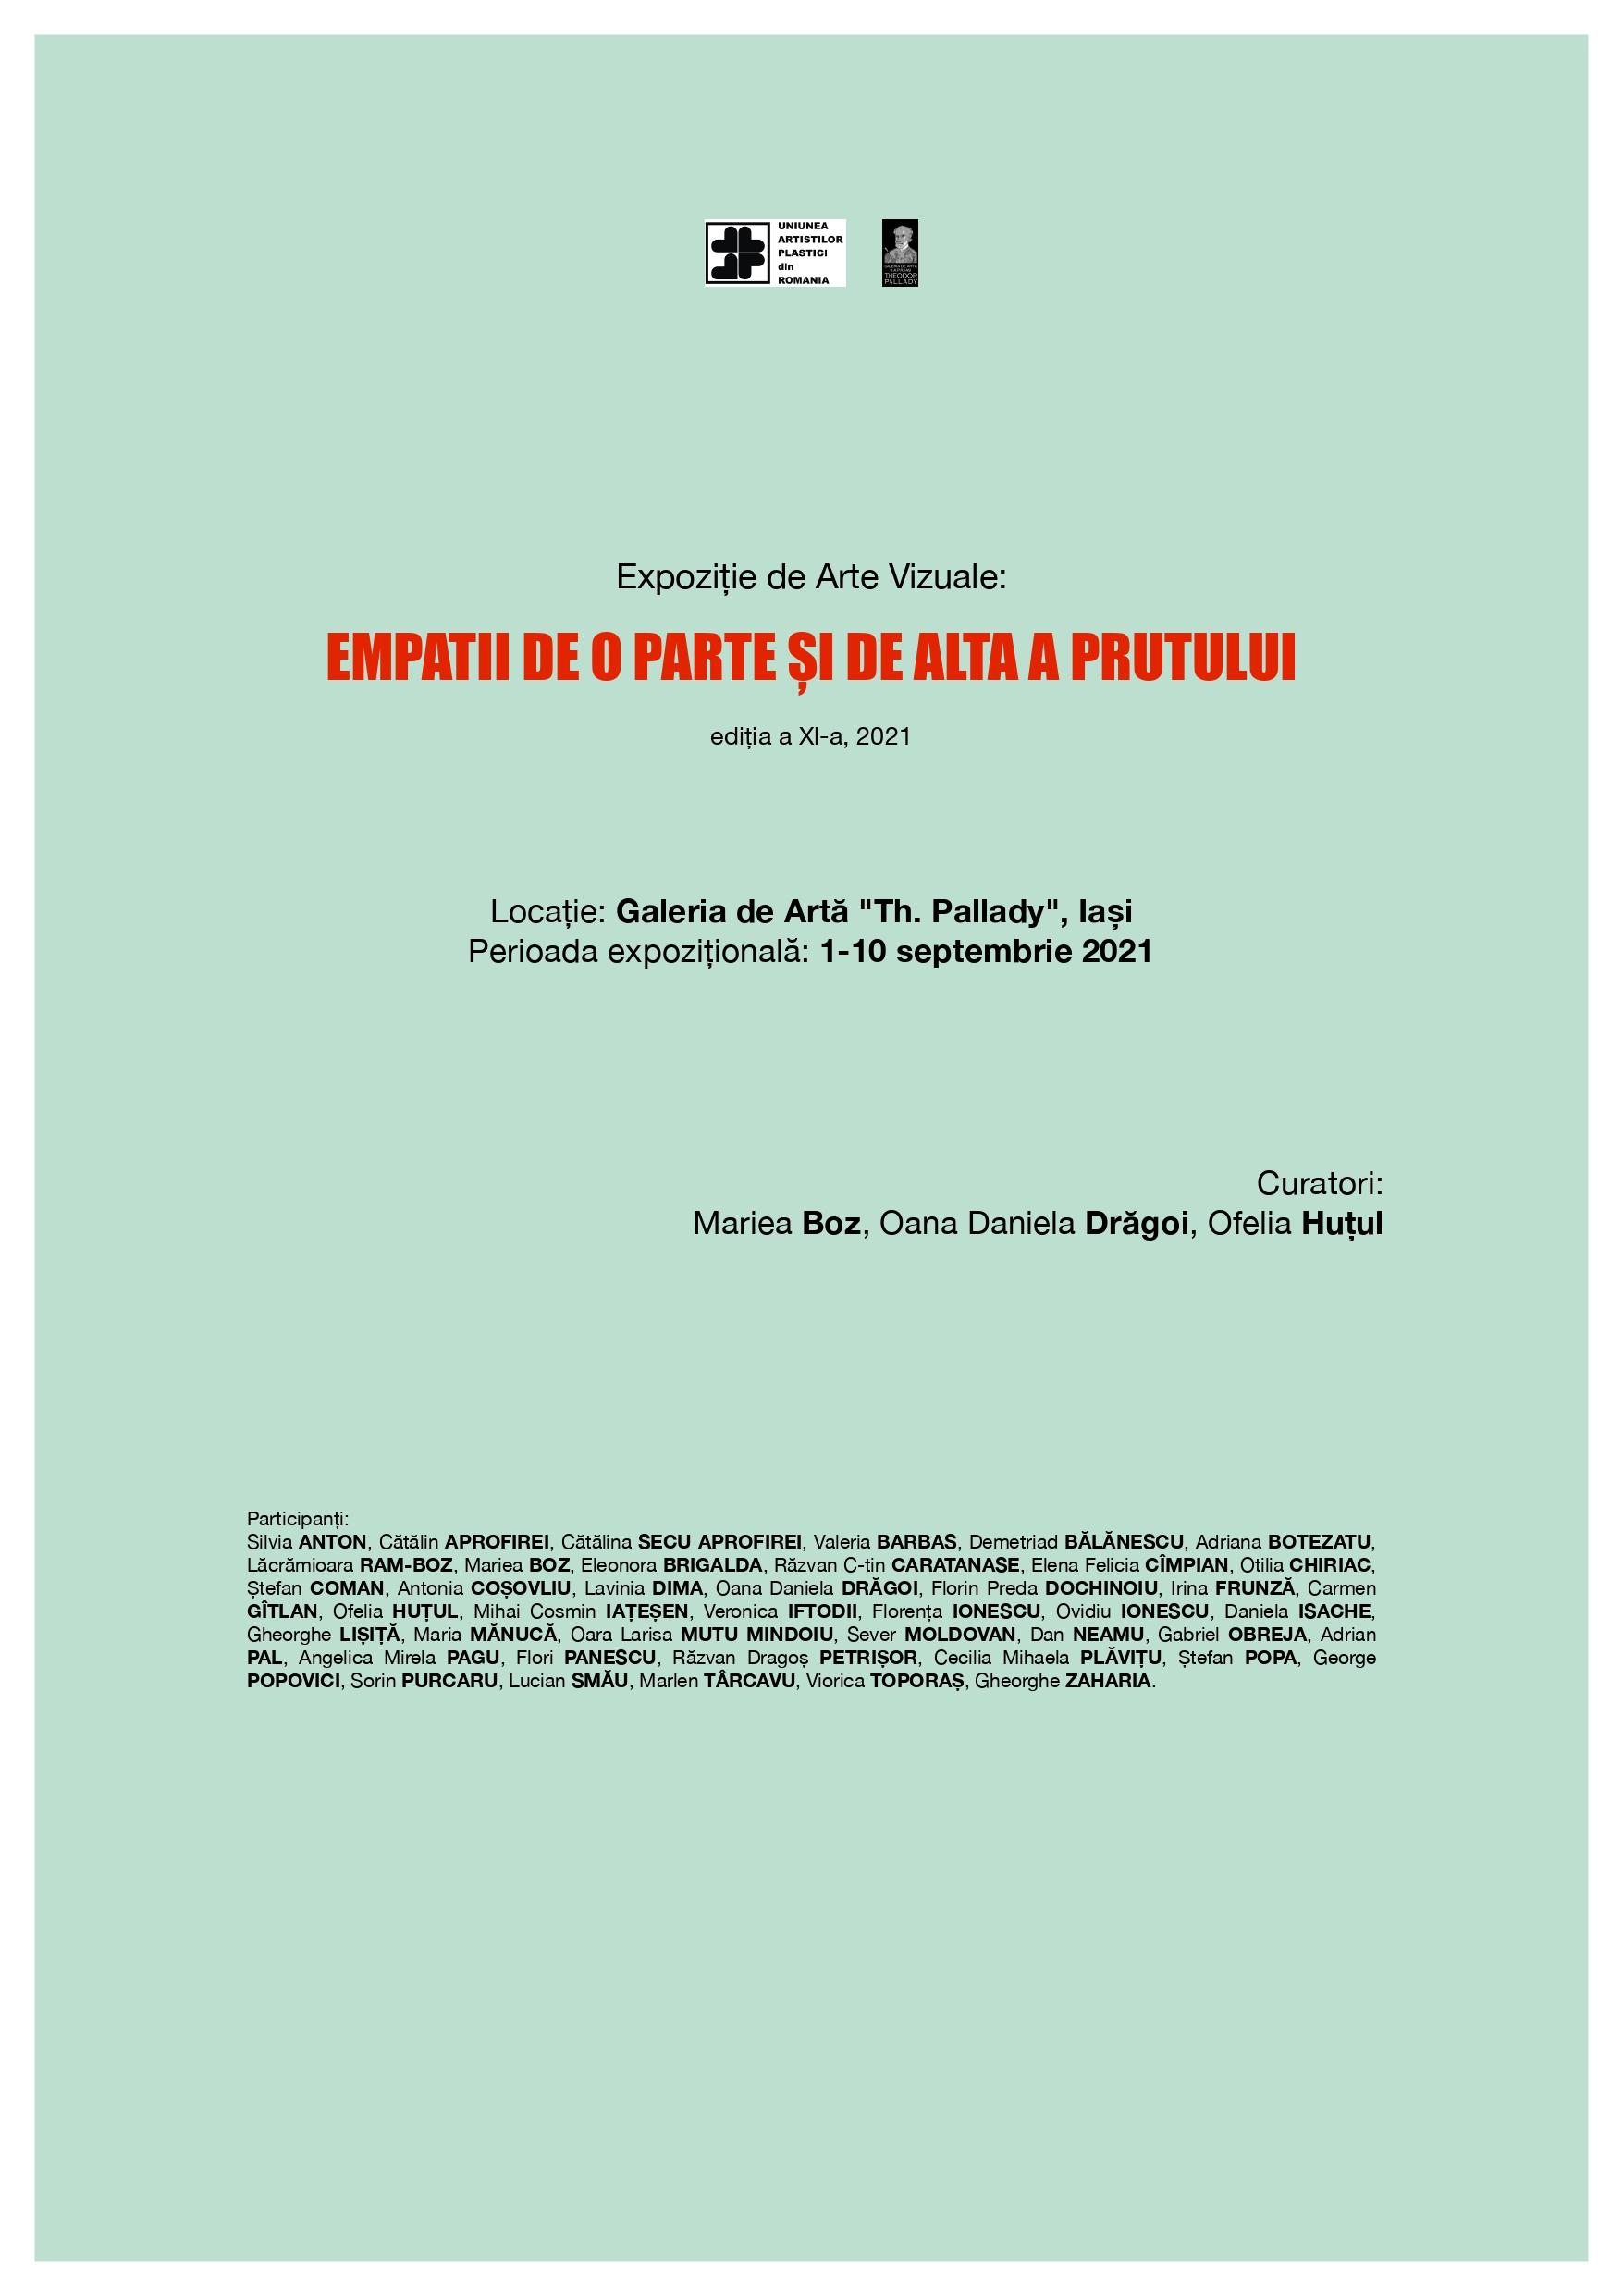 """Expozițiede Arte Vizuale """"Empatii de o parte și de alta a Prutului"""" ediția a XI-a, 2021 – 01 Septembrie – 10 Septembrie 2021"""